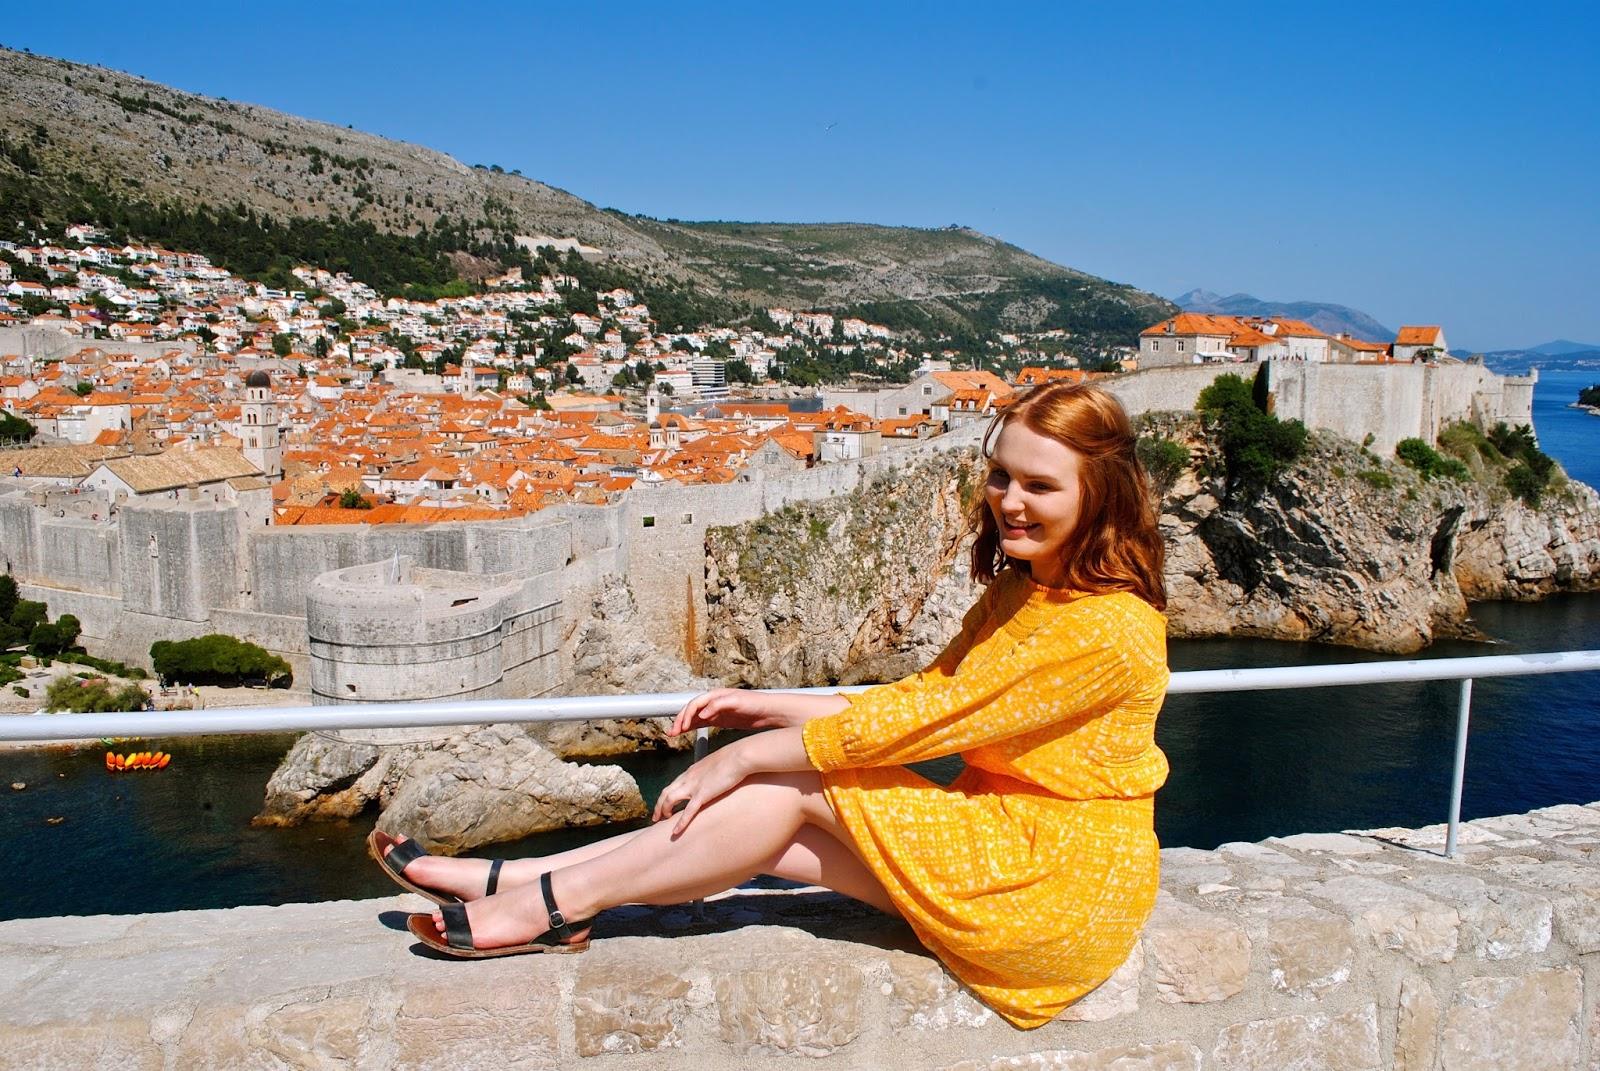 Best view in Dubrovnik Kings Landing from Lobrijenac Fortress